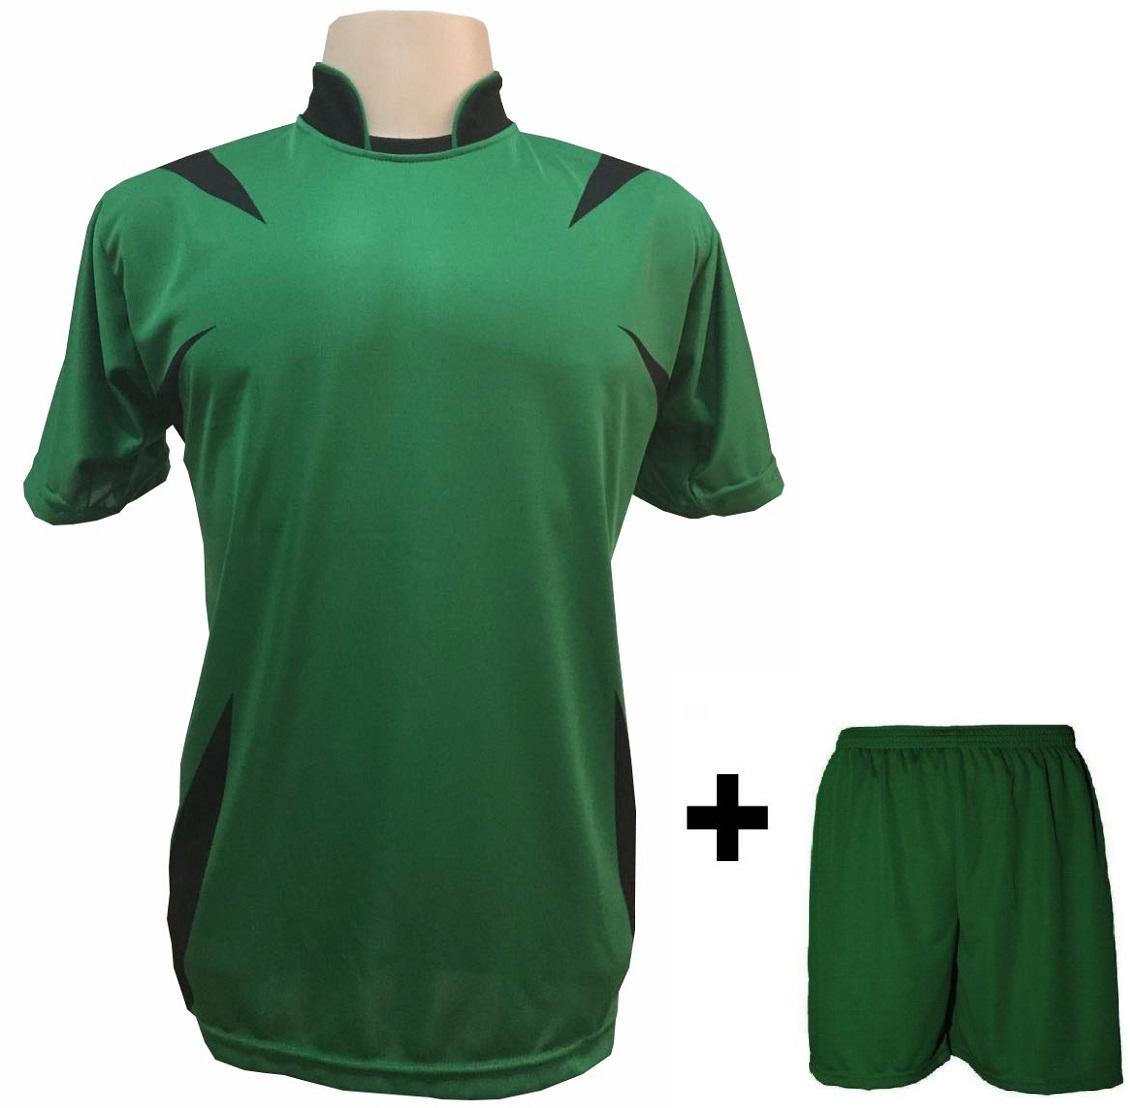 Uniforme Esportivo com 14 Camisas modelo Palermo Verde/Preto + 14 Calções modelo Madrid Verde